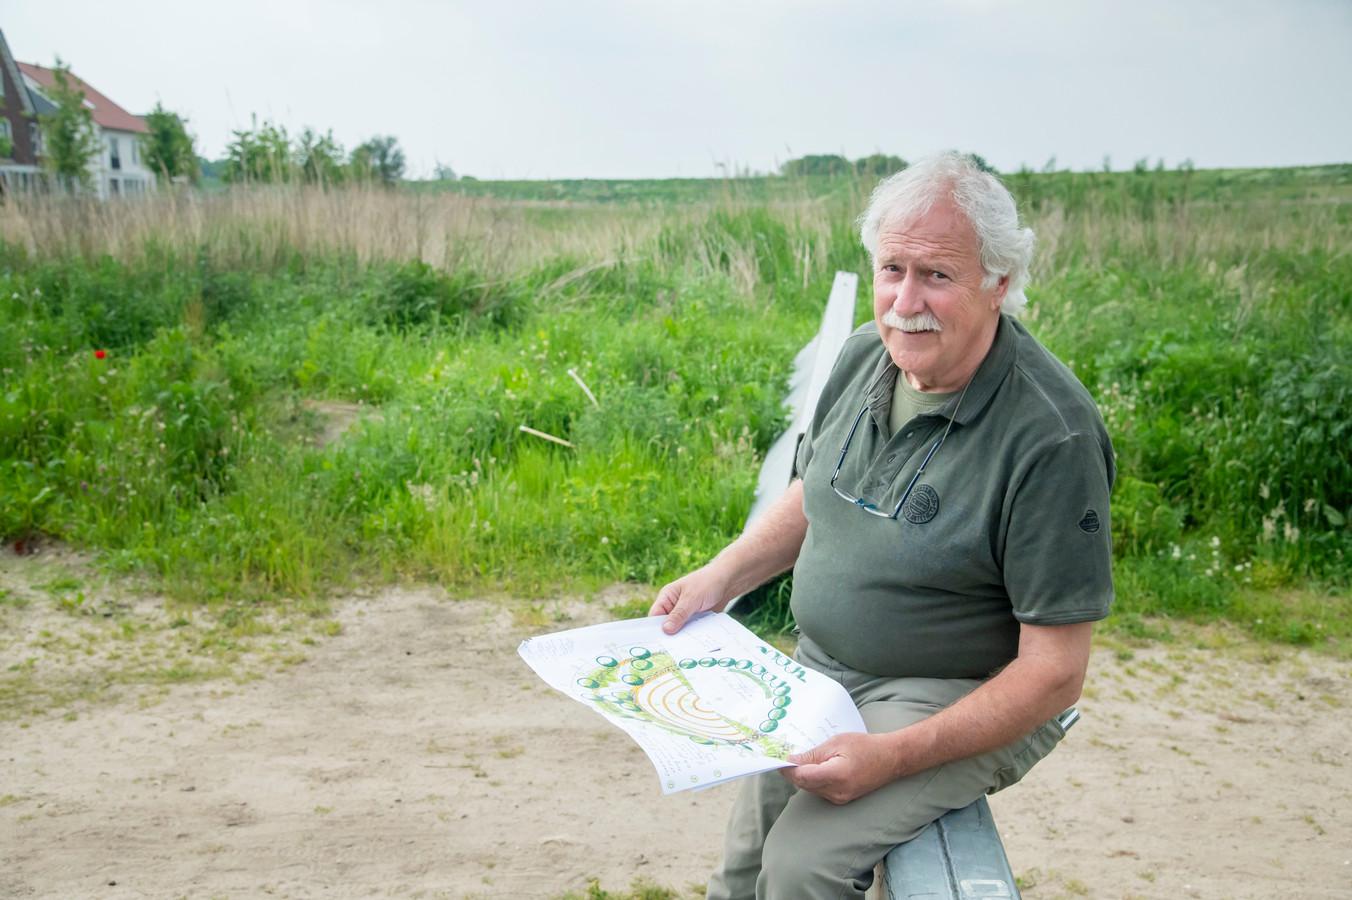 Voor het vijfde jaar op rij daagt de gemeente Harderwijk inwoners uit met ideeën te komen die bijdragen aan het verbeteren van de openbare ruimte. Dirk Verhey heeft plannen voor een amfitheater voor kunst en muziek in de openlucht.